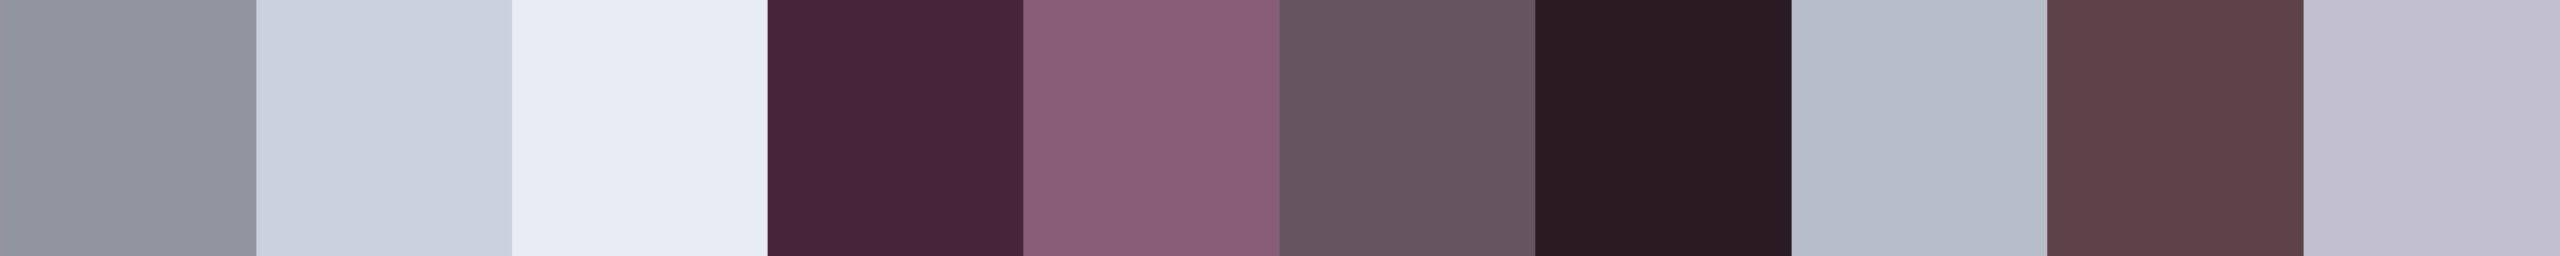 619 Likremoto Color Palette